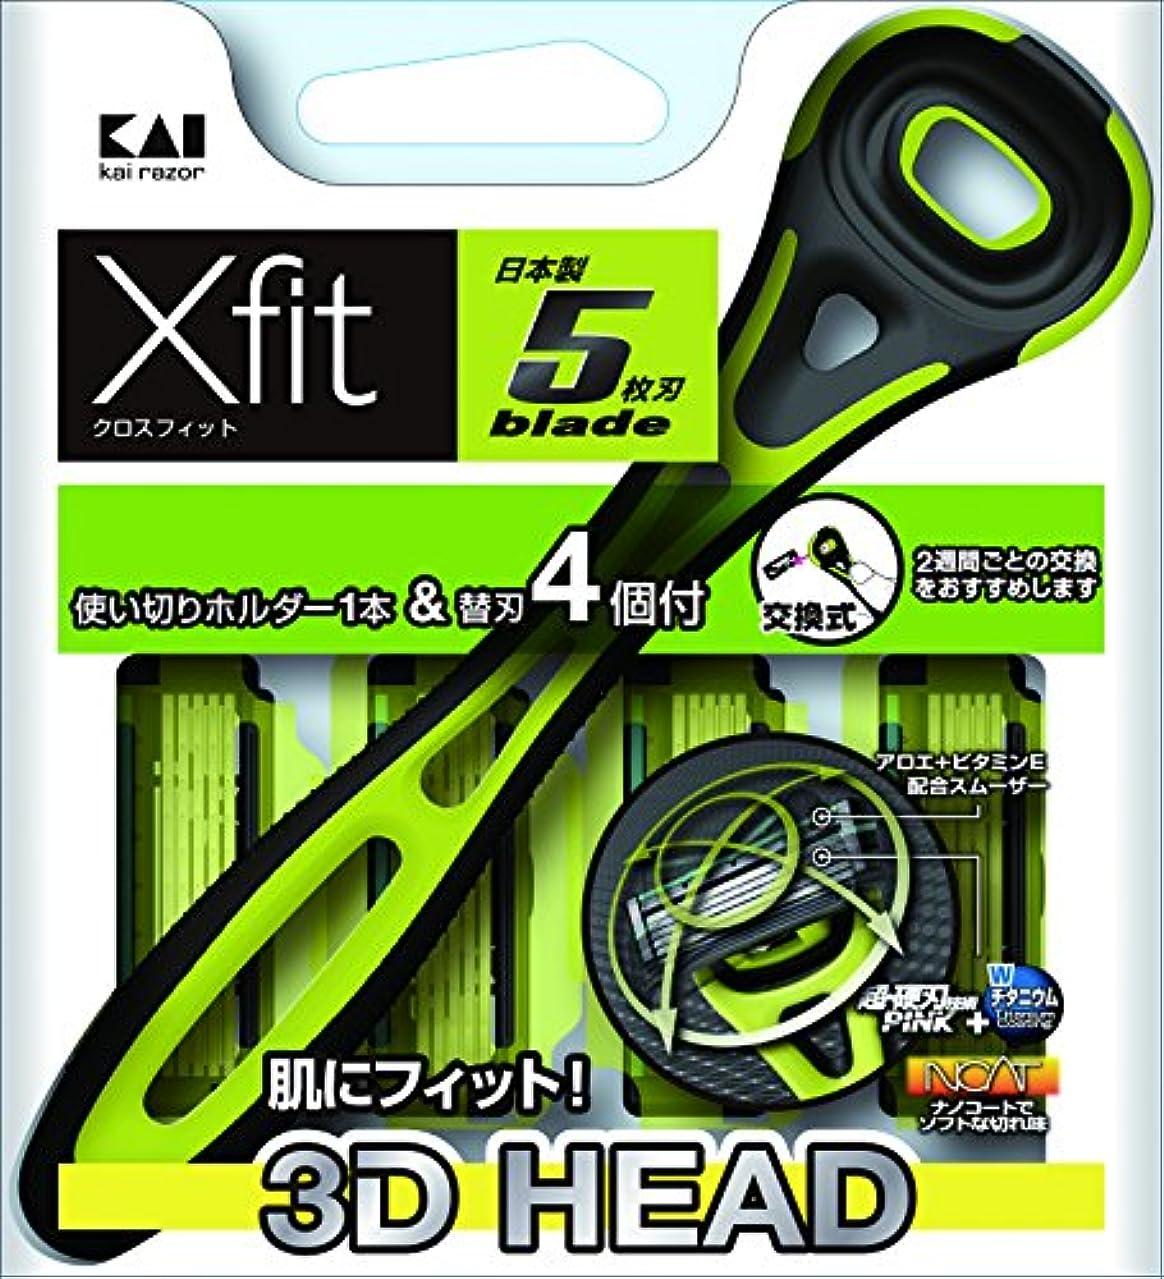 ぺディカブ比べる平野Xfit(クロスフィット)5枚刃 クリアパッケージ 使い切りホルダー+替刃4個